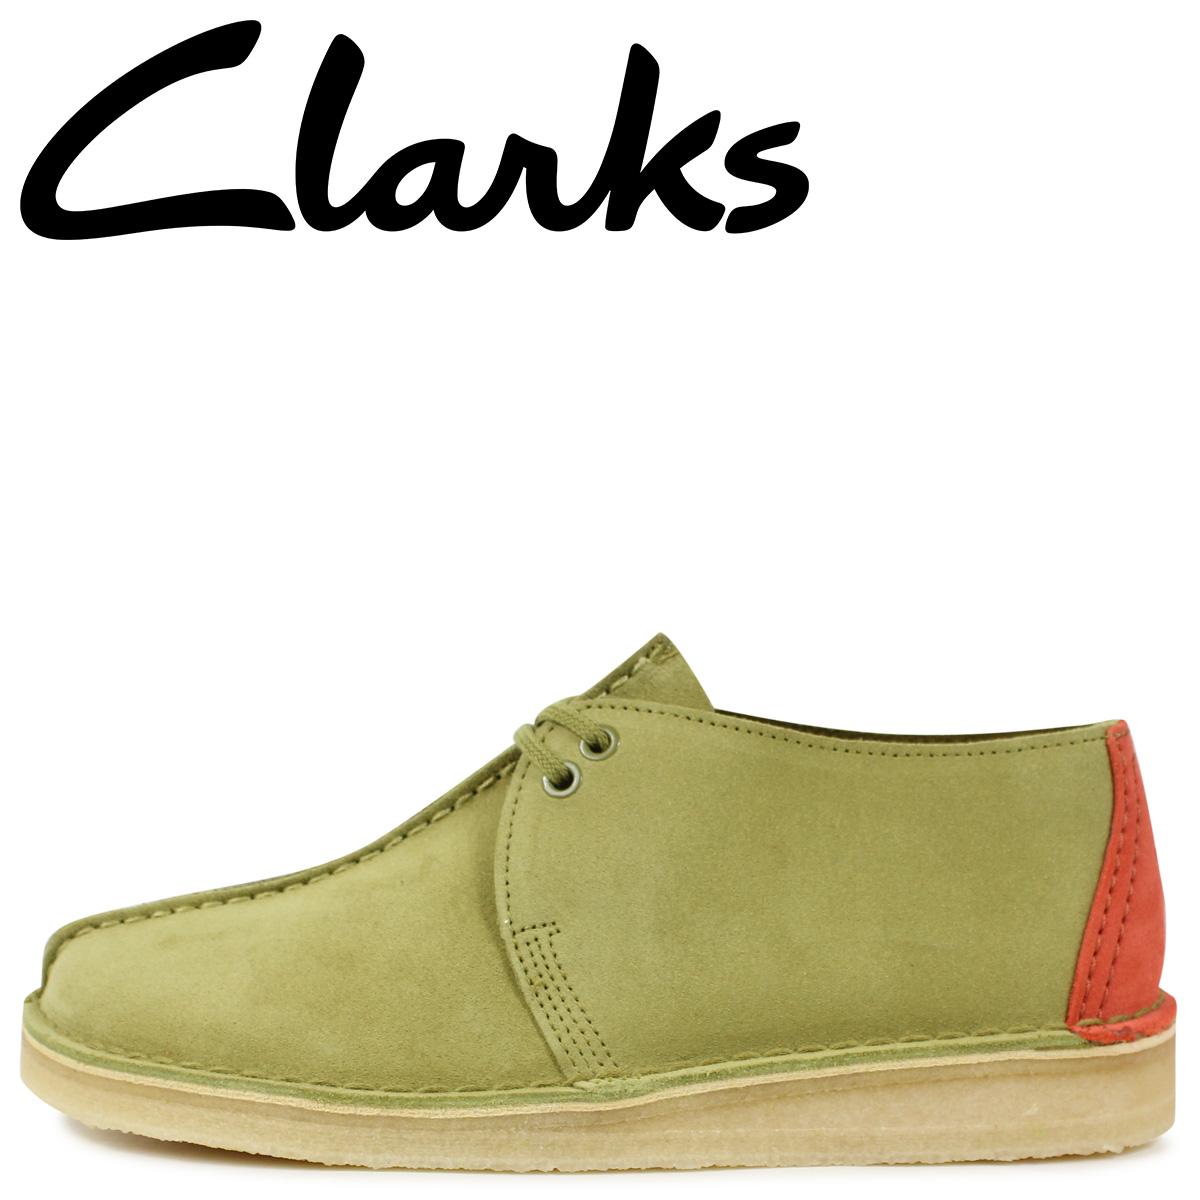 Clarks クラークス デザートトレック ブーツ メンズ DESERT TREK カーキ 26144179